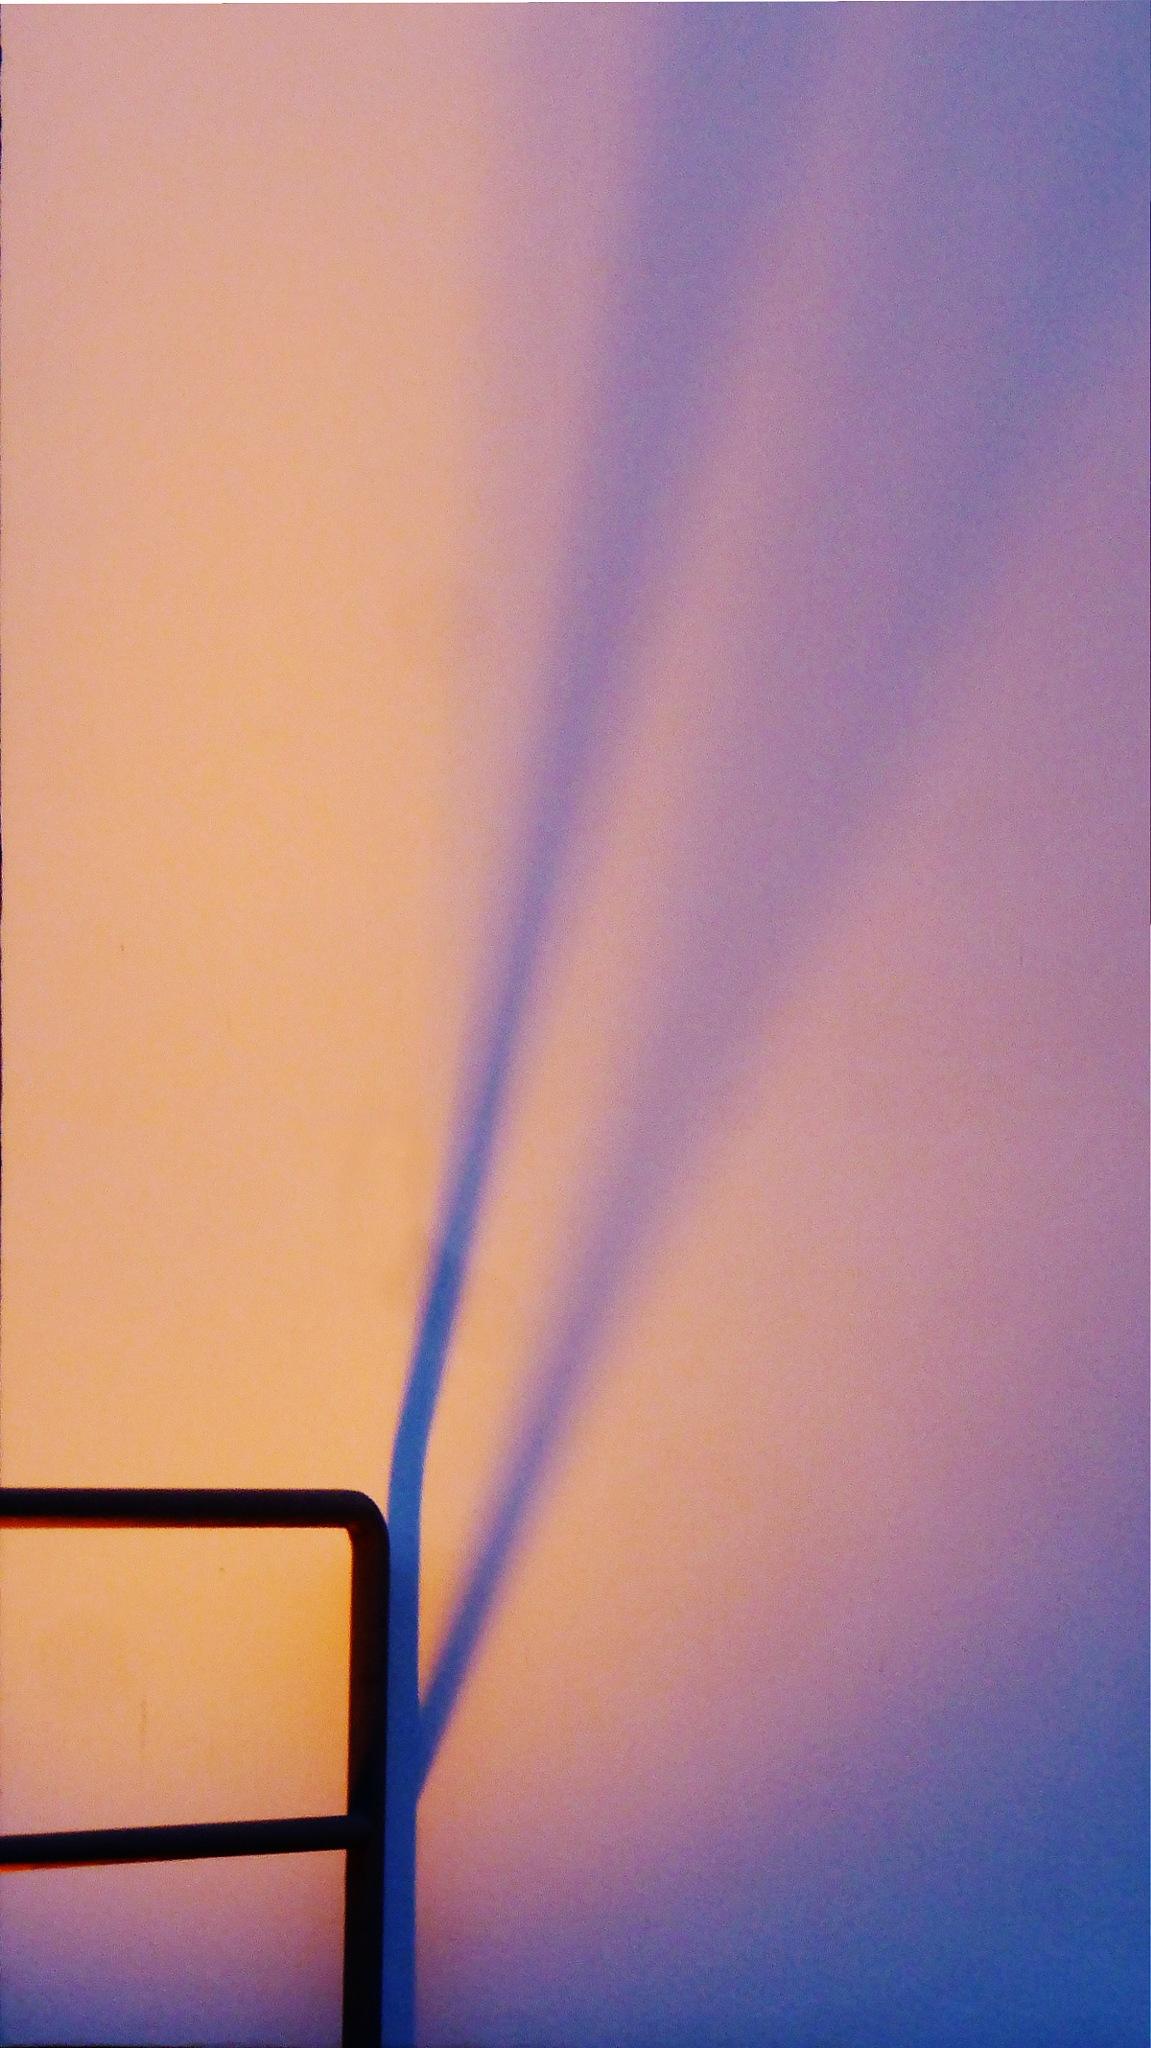 Shadow by Gernot Schwarz